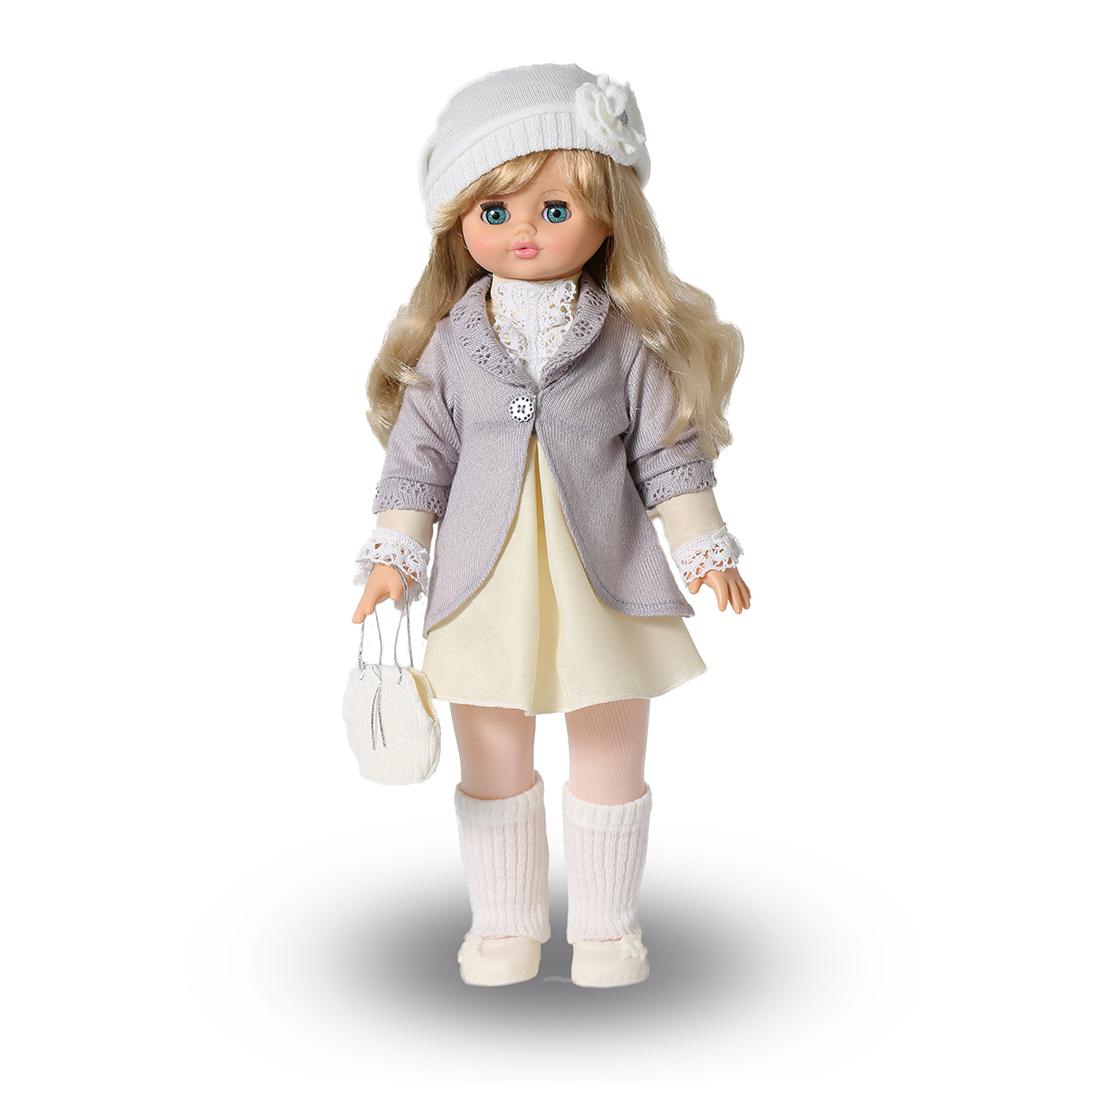 Интерактивная кукла - Алиса 22, 55 см